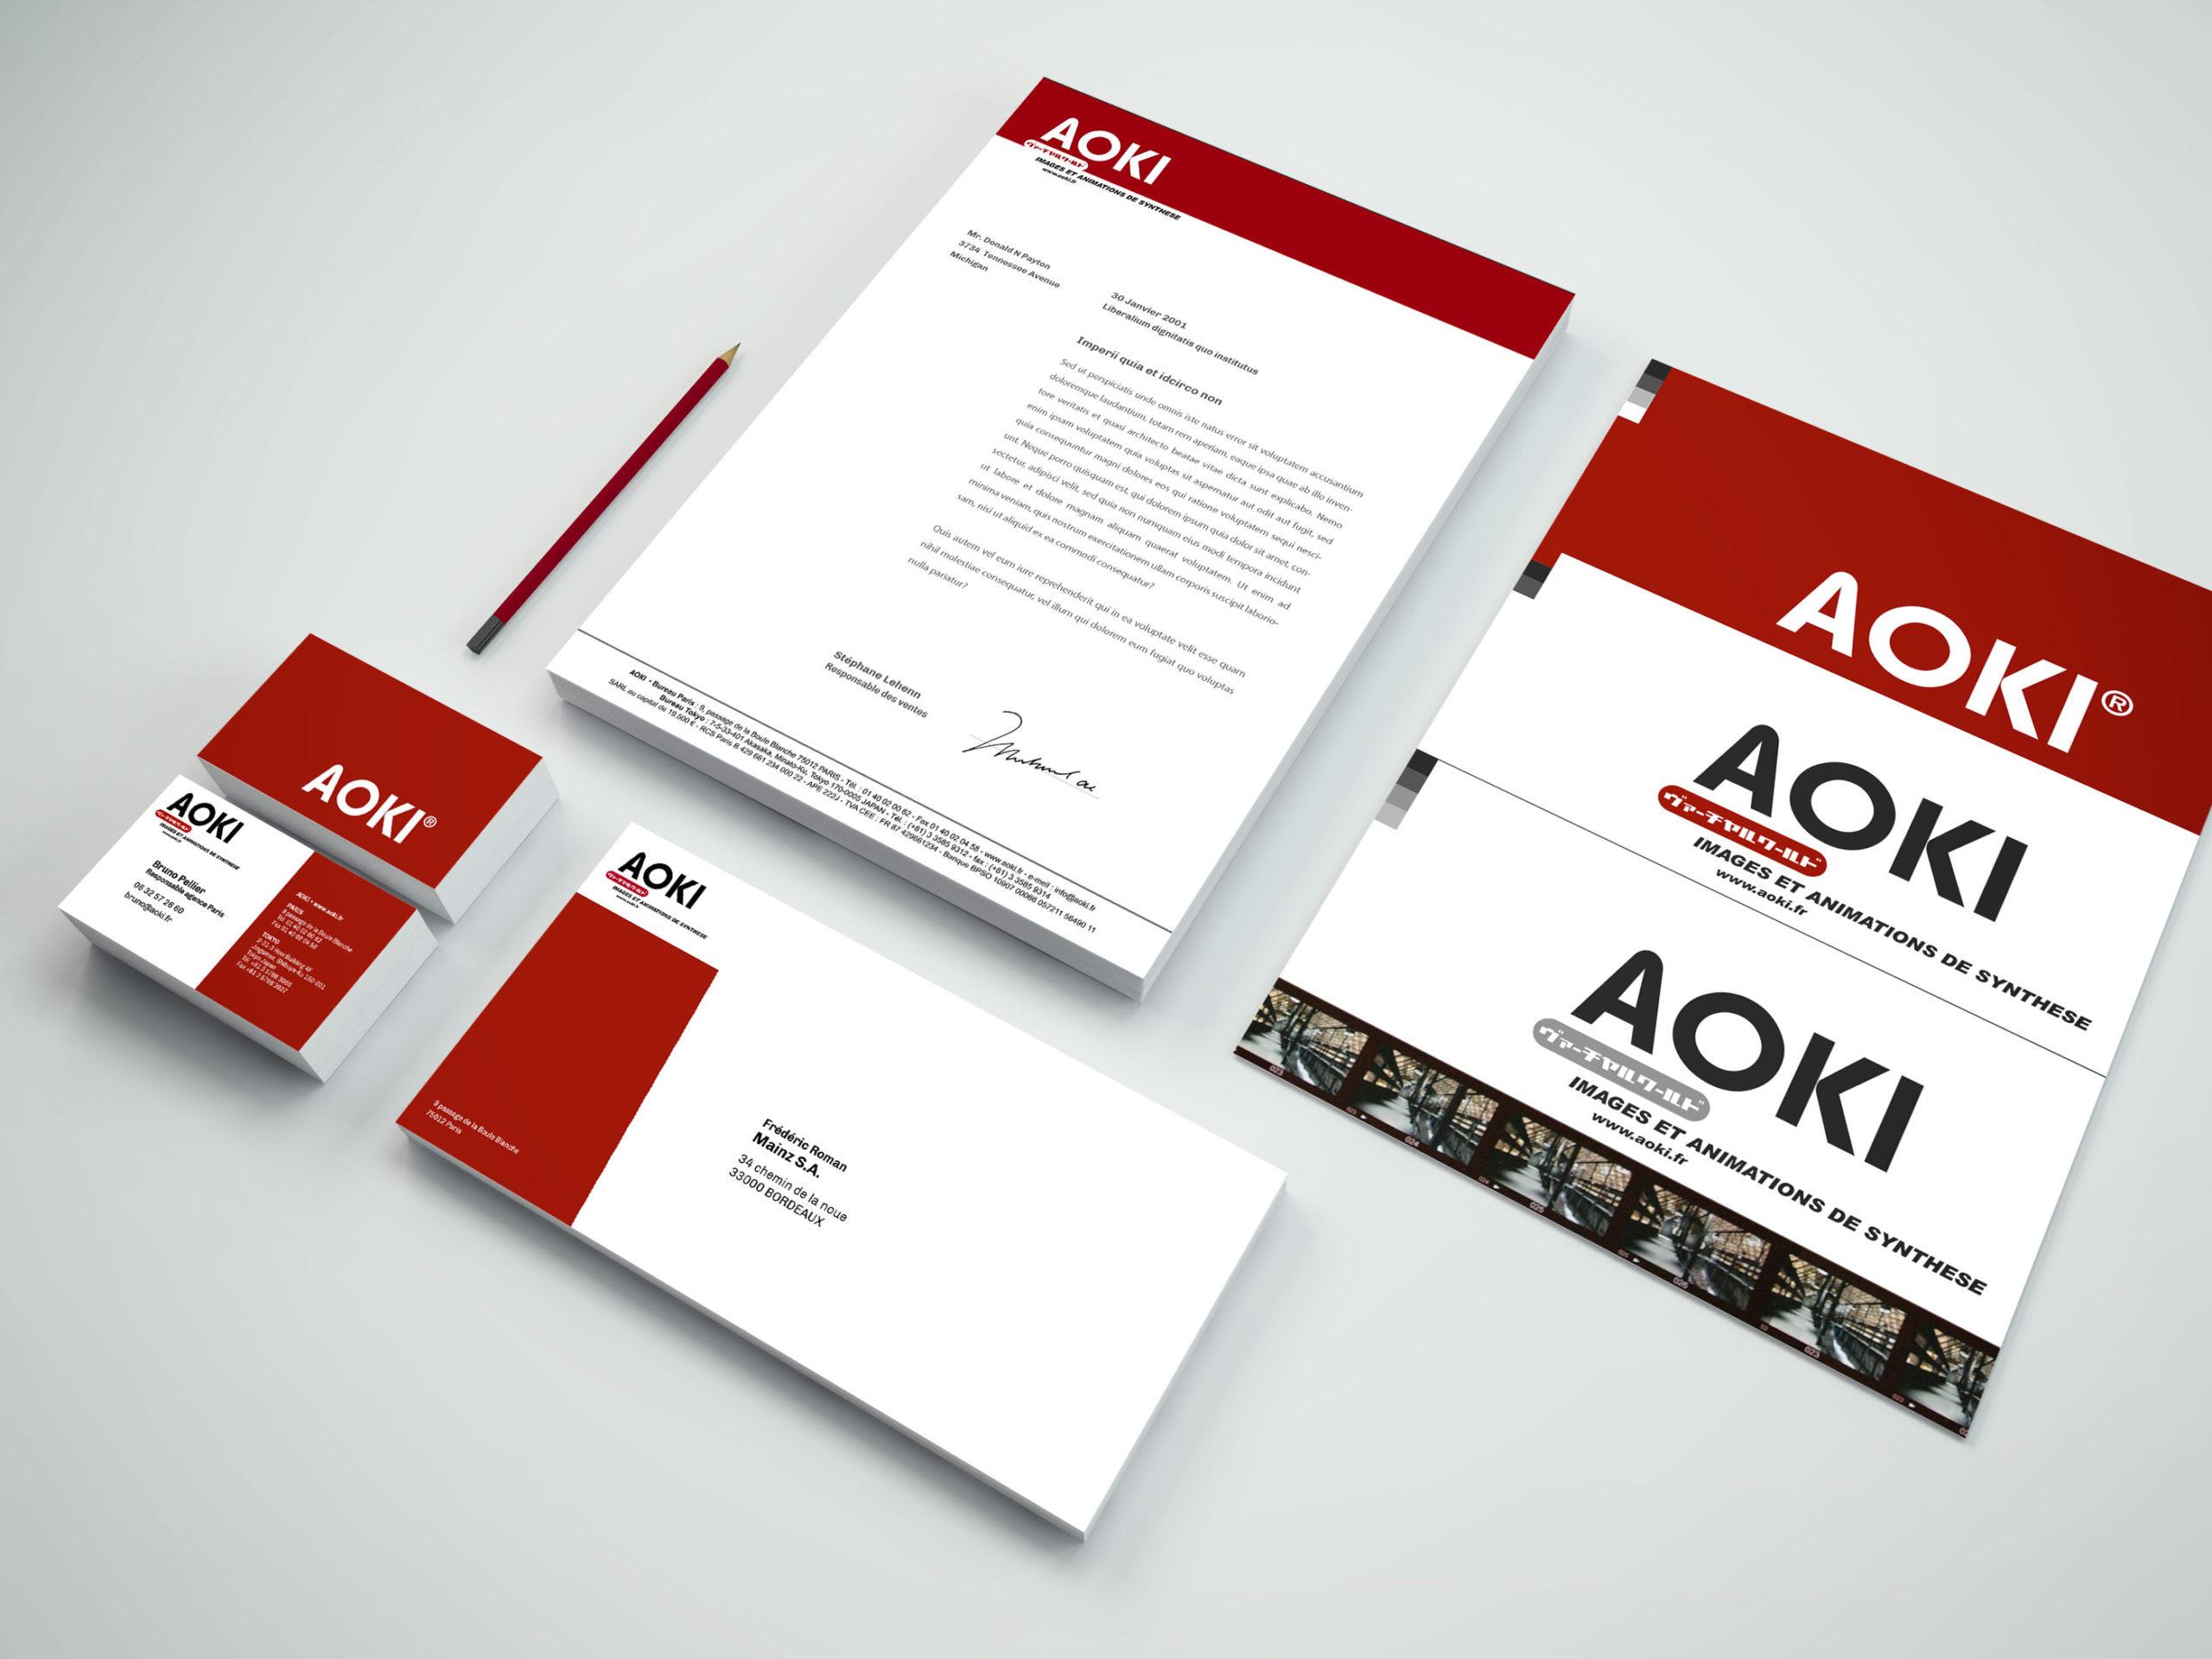 AOKI-stationnery